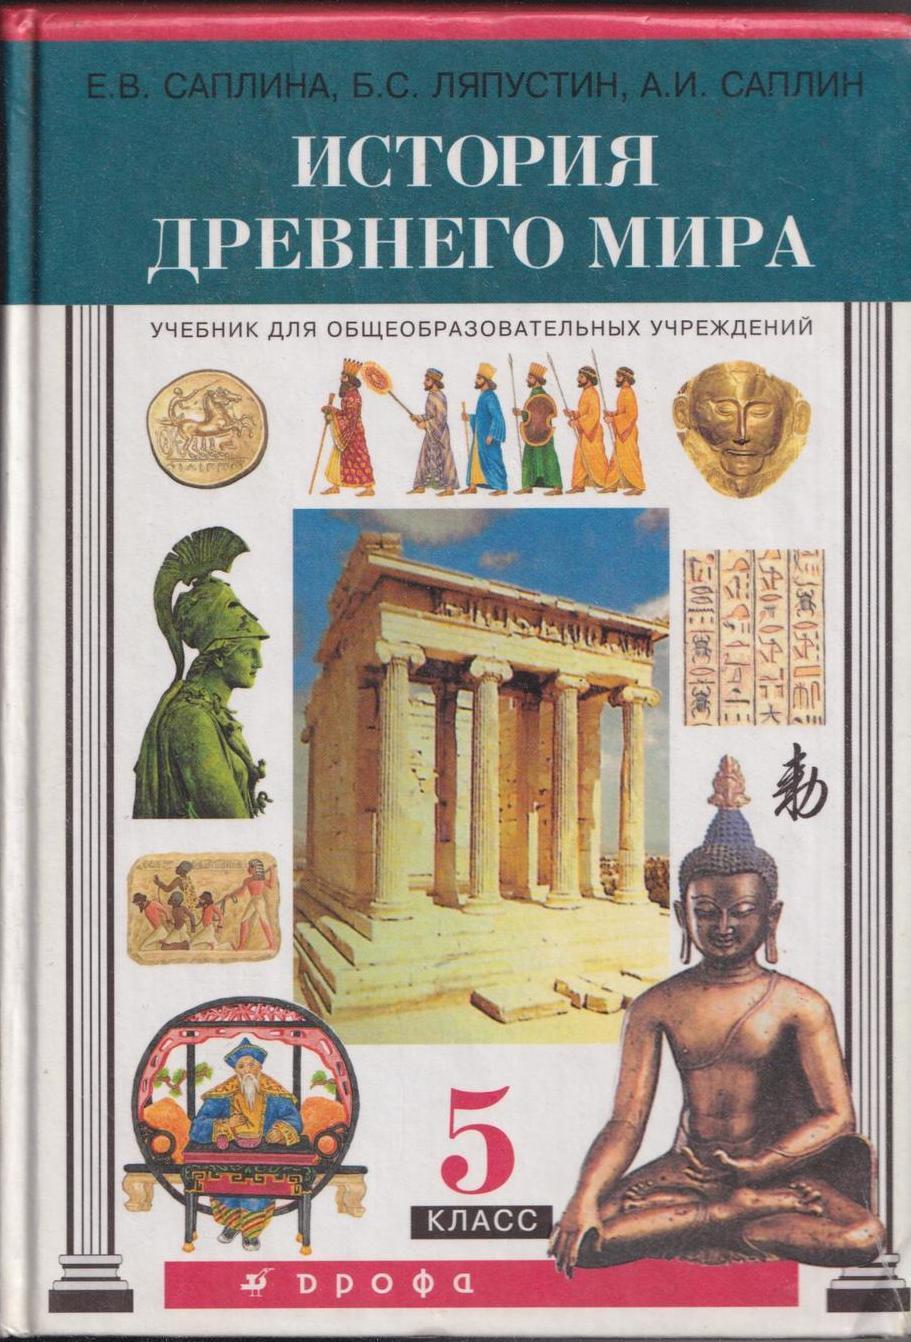 Саплина Е.В.. История древнего мира. Учебник для 5 класса общеобразовательных учреждений